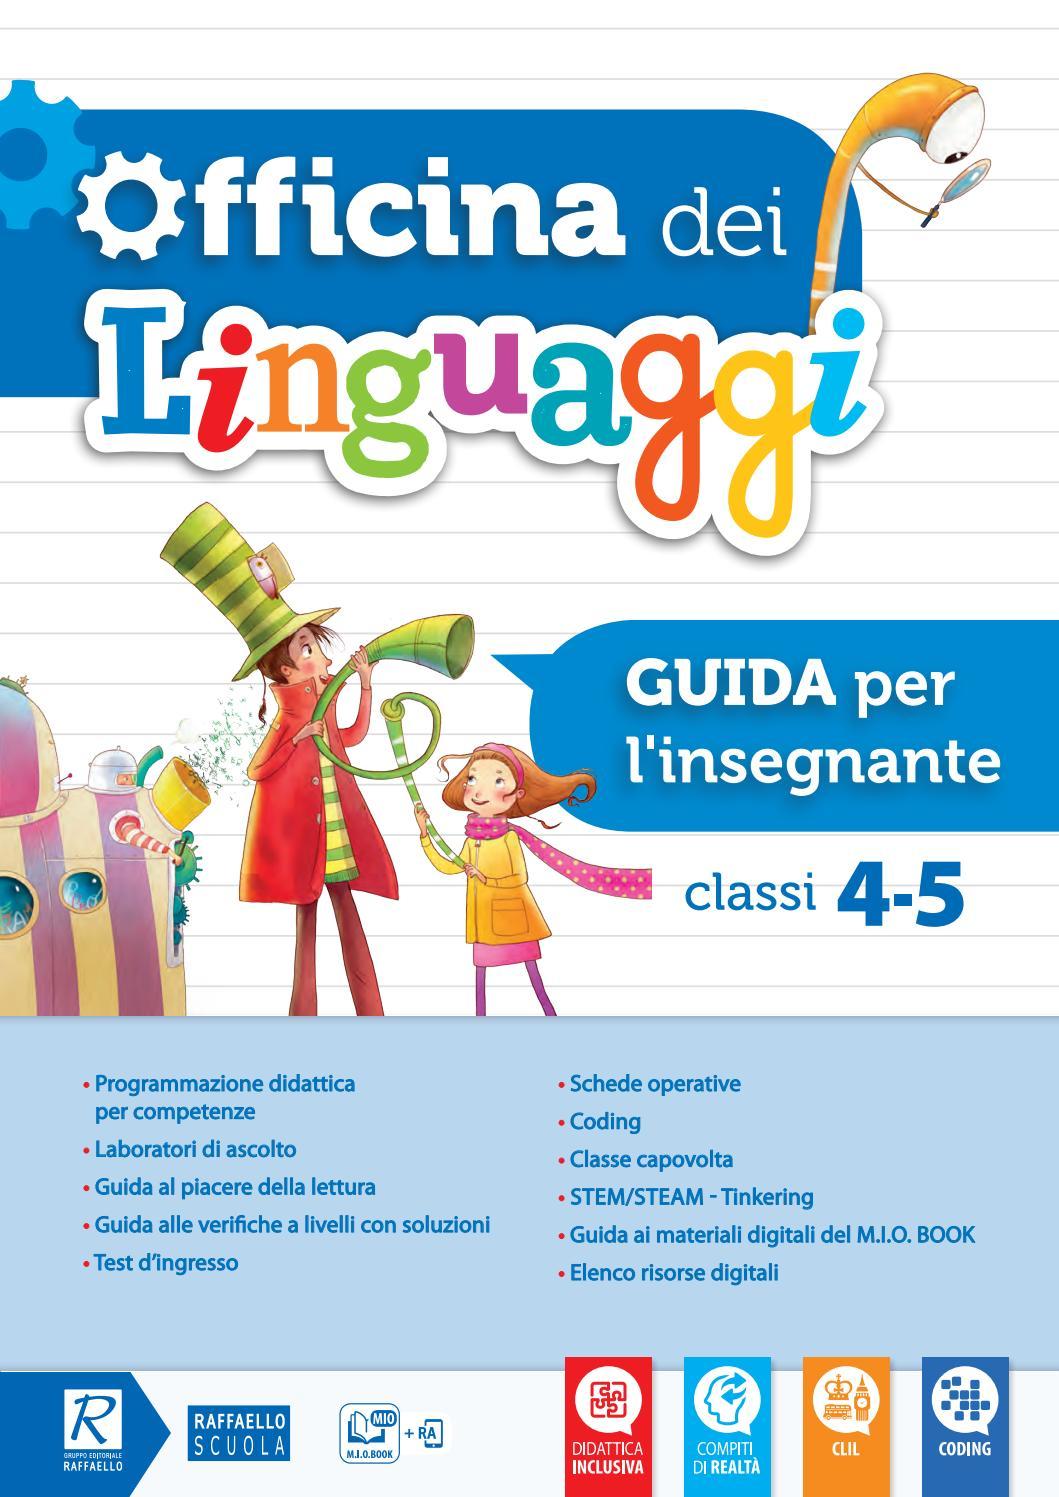 Officina Dei Linguaggi 4 5 Guida Per L Insegnante By Gruppo Editoriale Raffaello Issuu